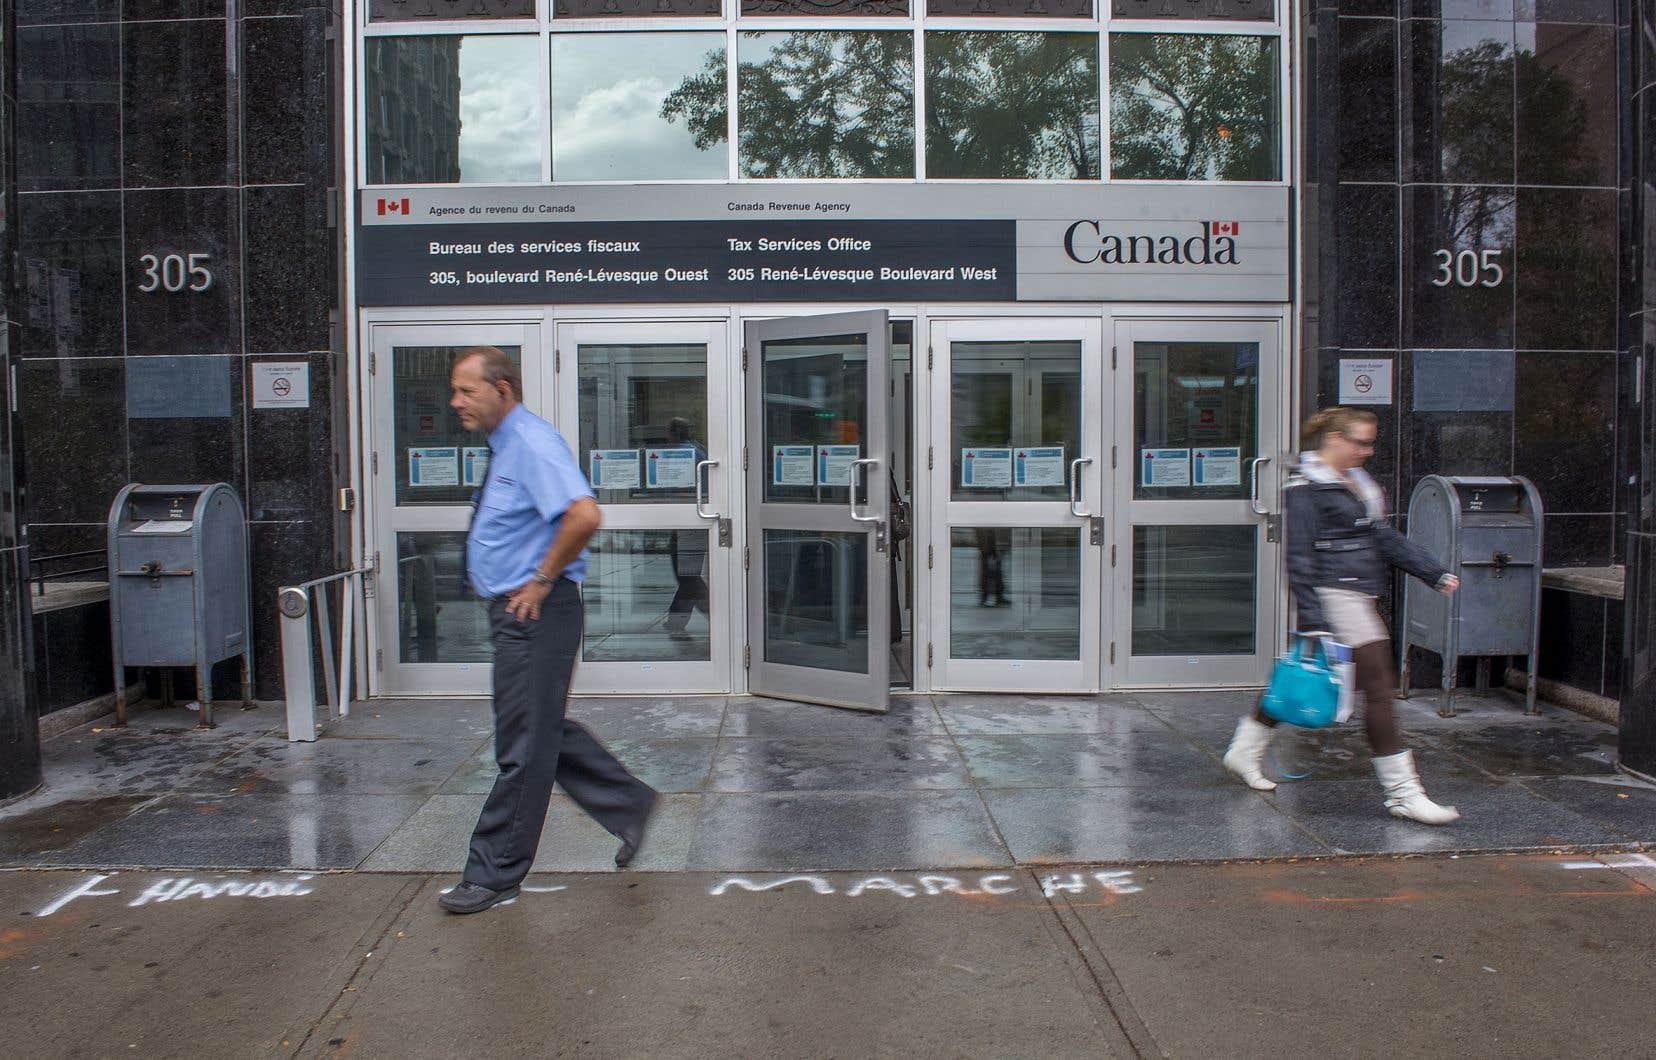 L'Agence du revenu fera enquête sur les révélations de cette fin de semaine, a affirmé le premier ministre Justin Trudeau. Des millions de dollars auraient échappé à l'impôt canadien.